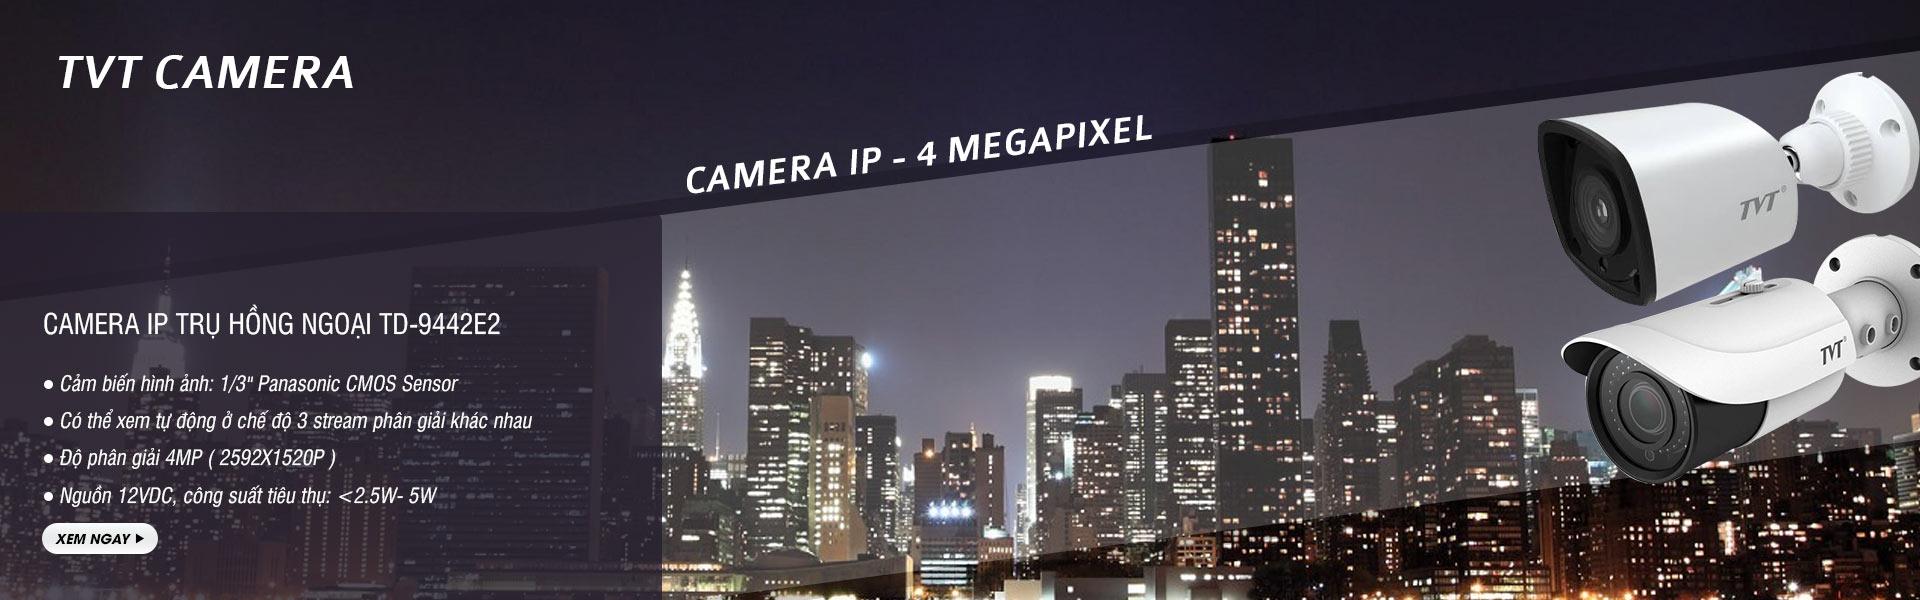 cameratvt-banner-slide02